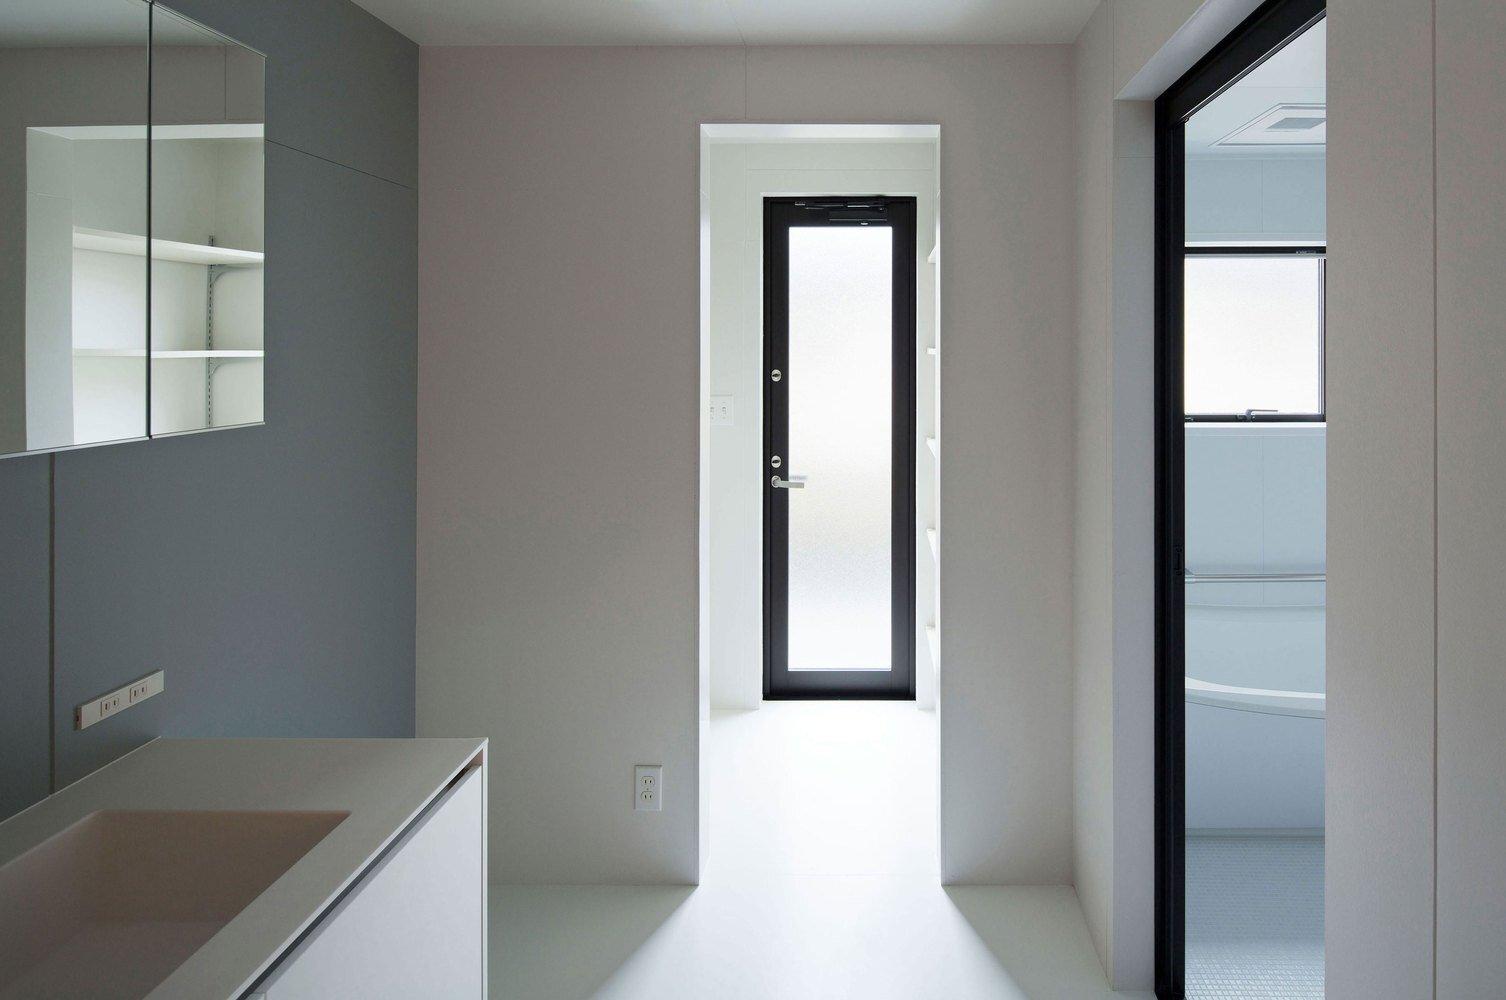 loft-house-capd-japan-bathroom-humble-homes